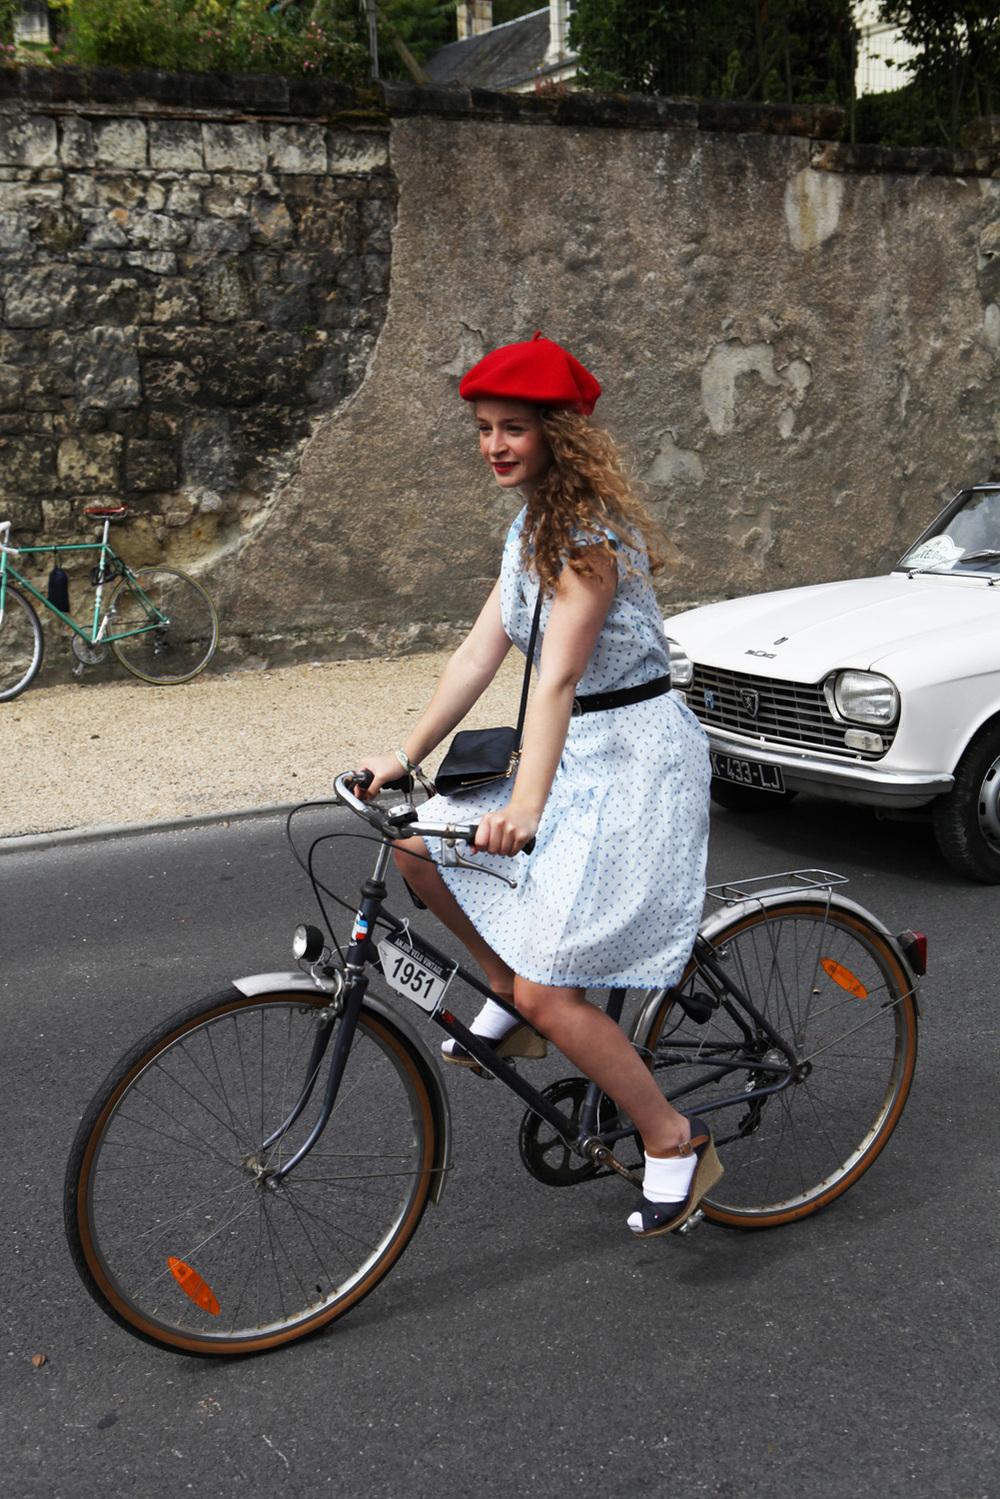 Anjou-Velo-Vintage-Saumur-France-Bike-Fashion-Bike-Pretty-Photos-Kelly-Miller-0